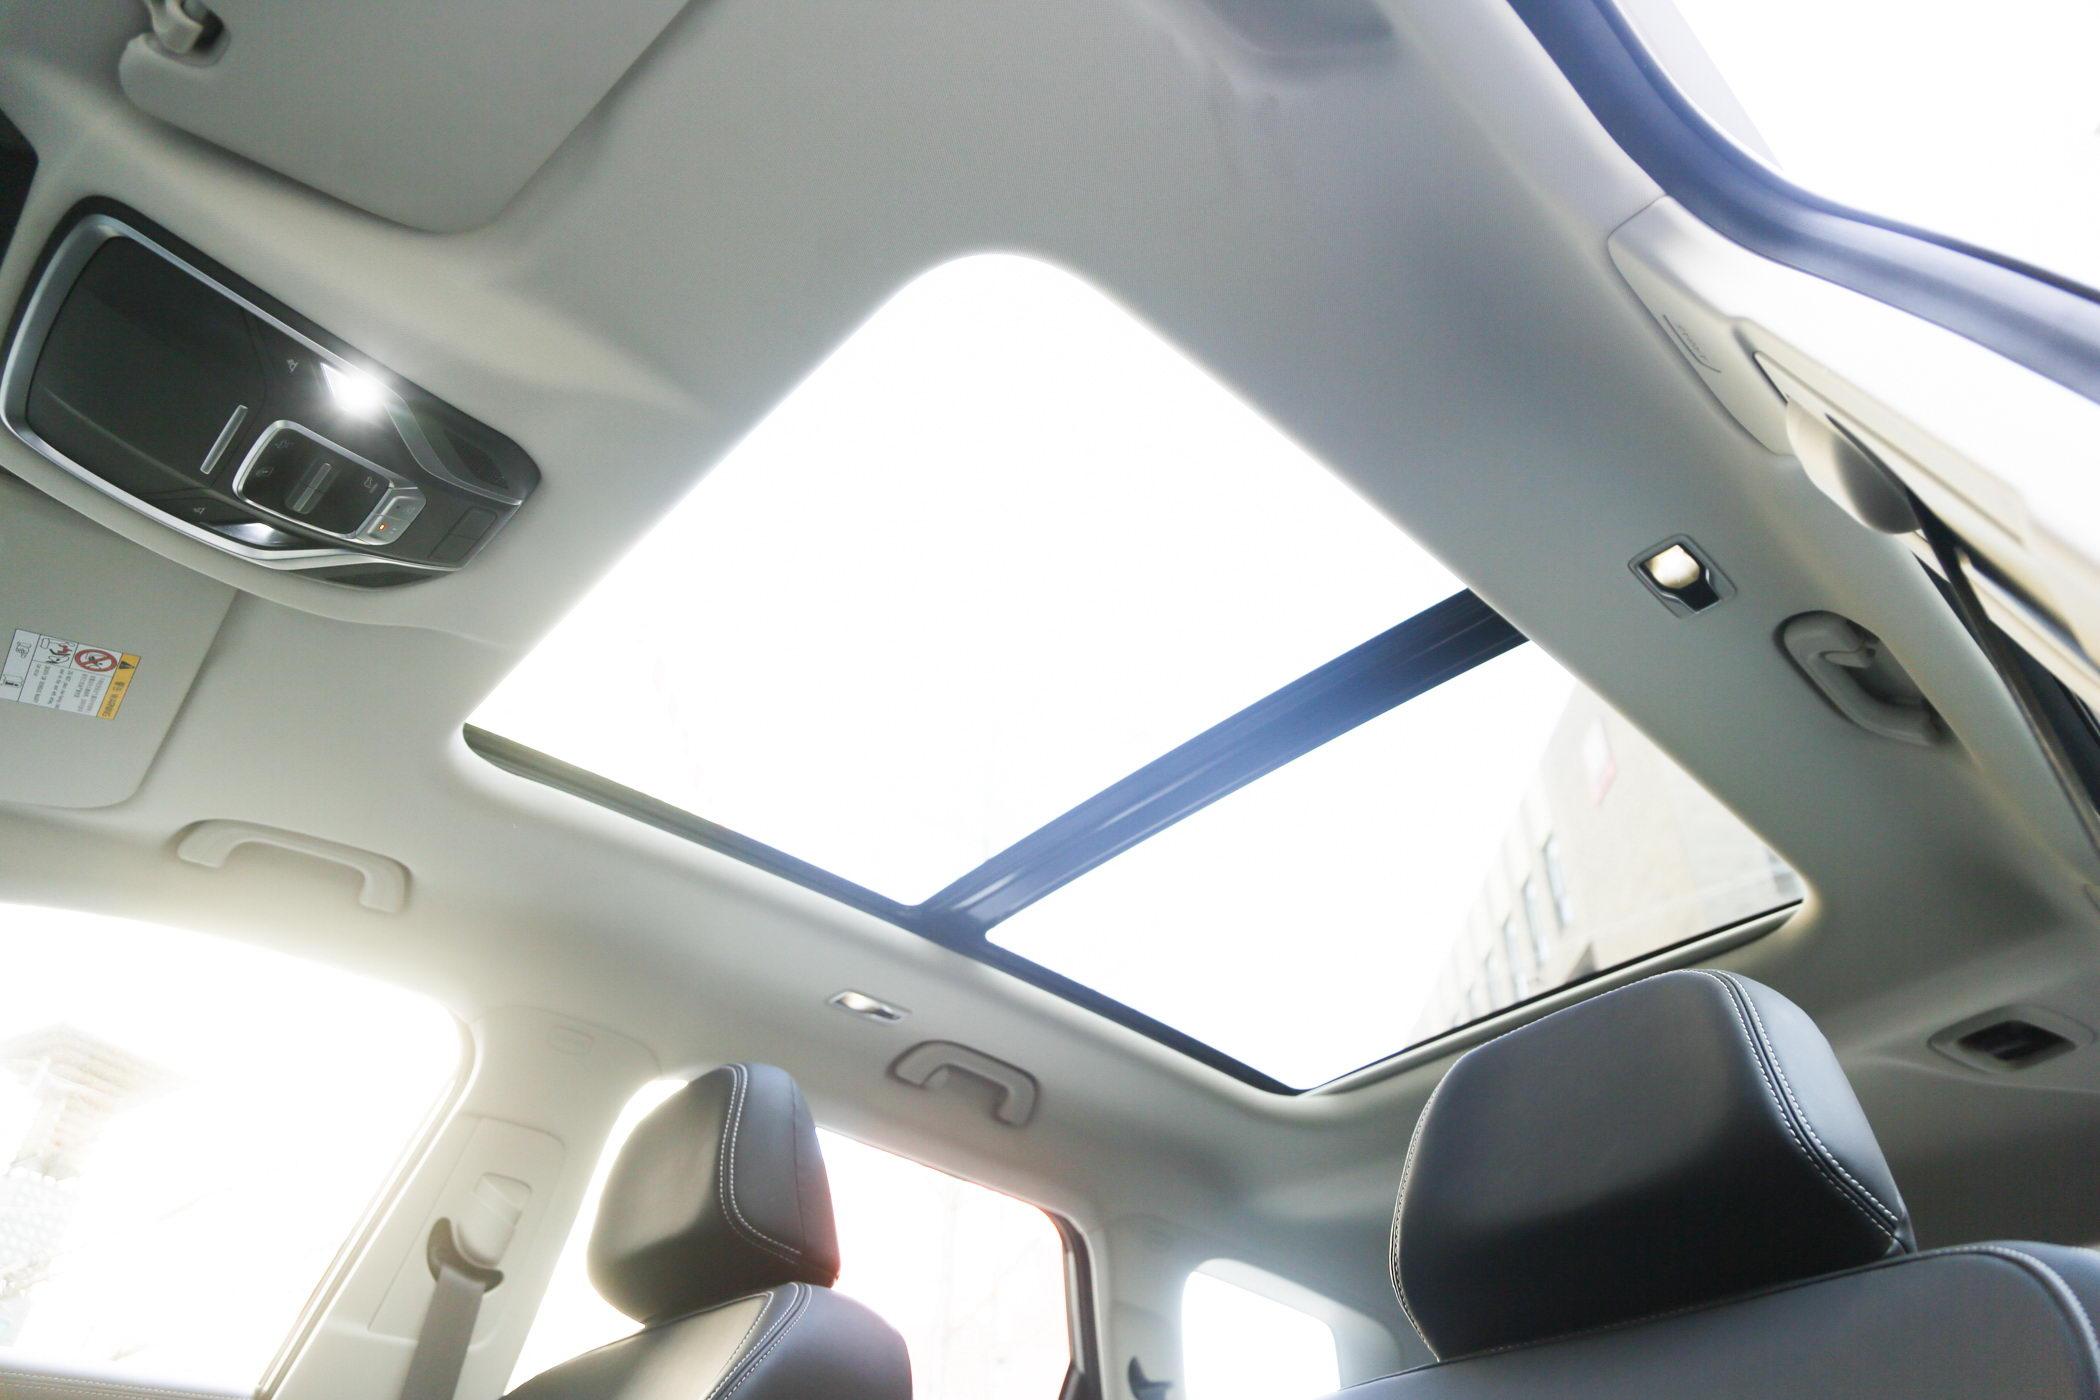 静态体验吉利豪越7座版 智能座舱营造家的感觉